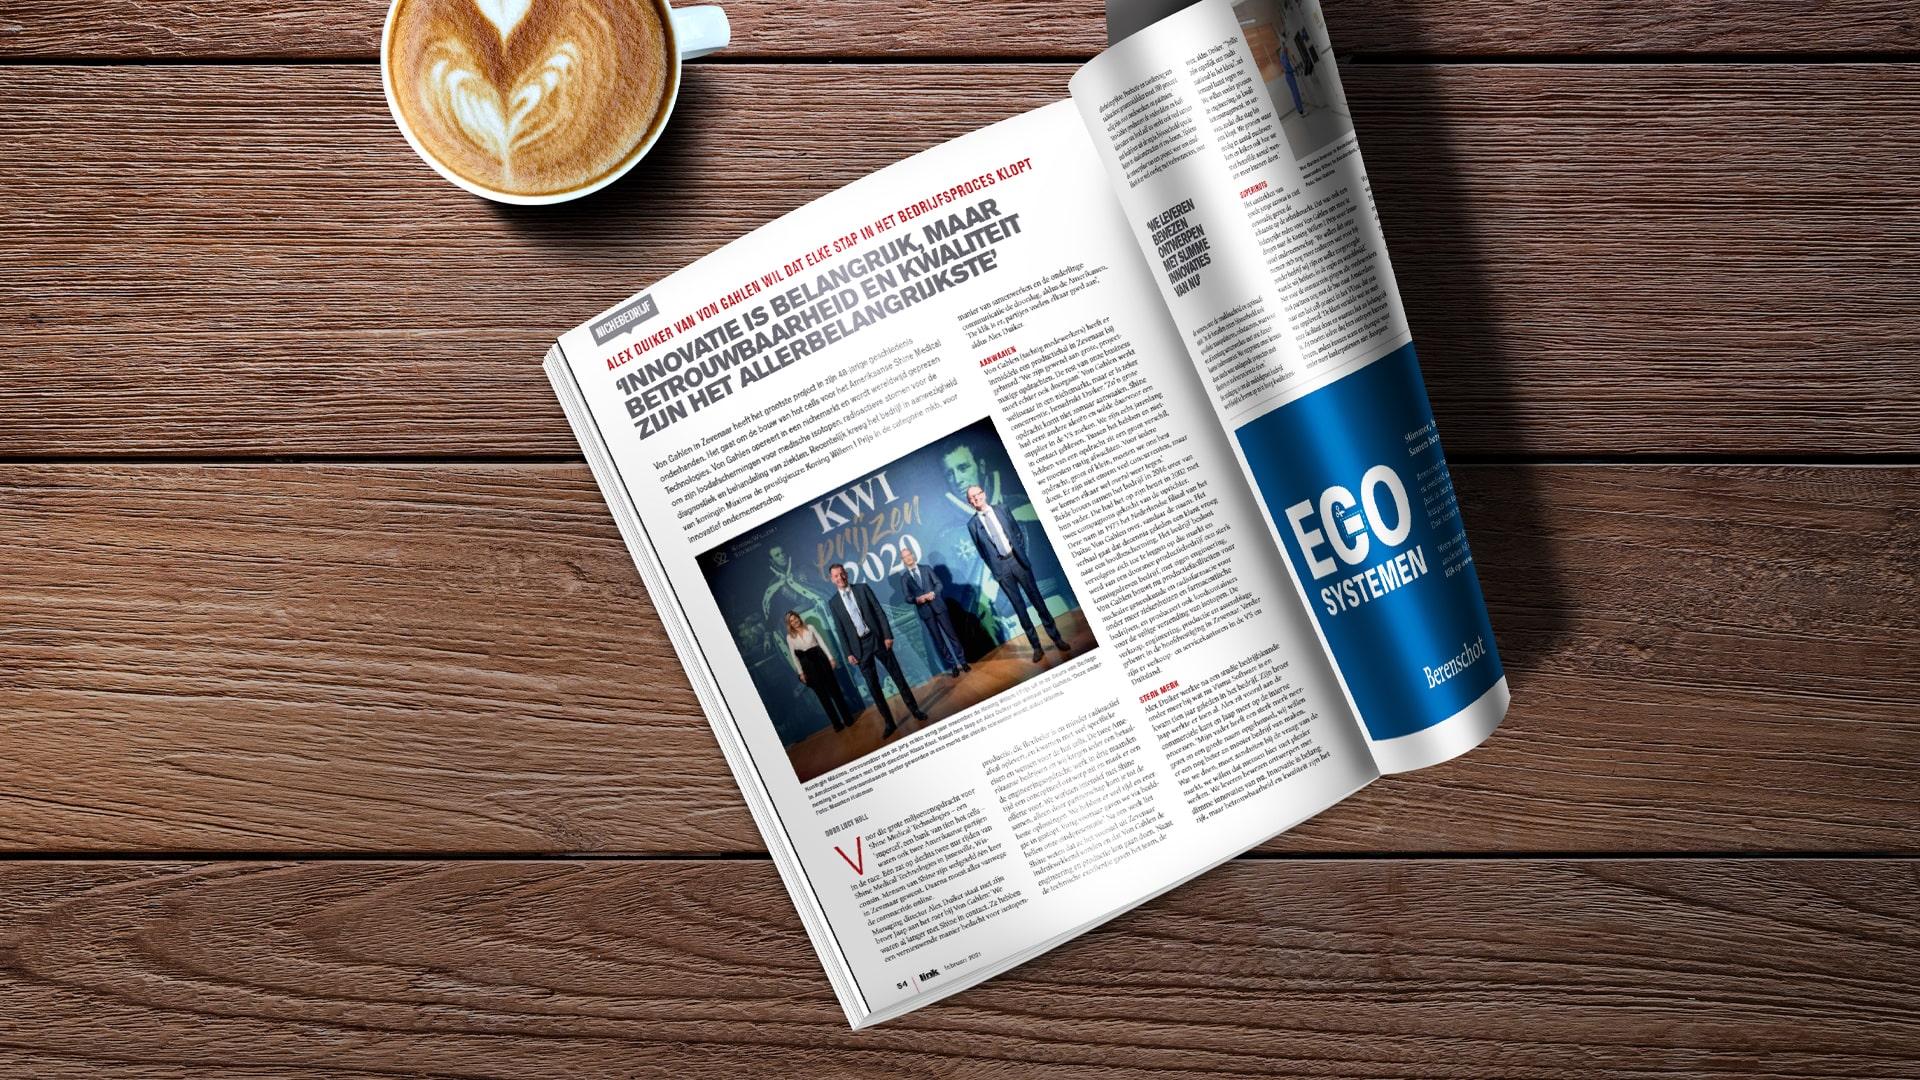 Von Gahlen in managementblad Link Magazine